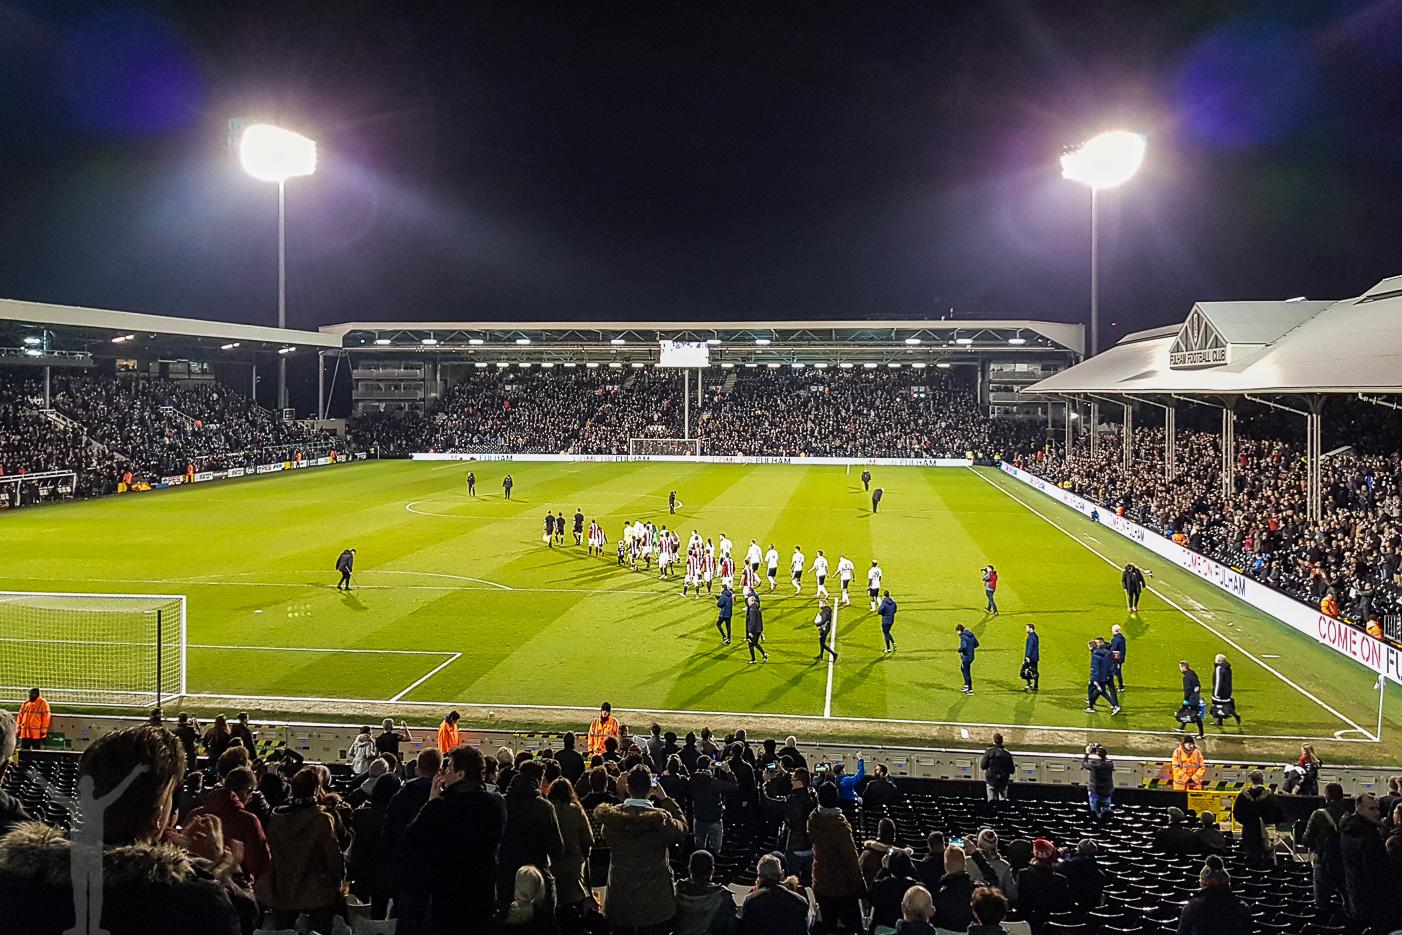 Championship - ett alternativ till Premier League